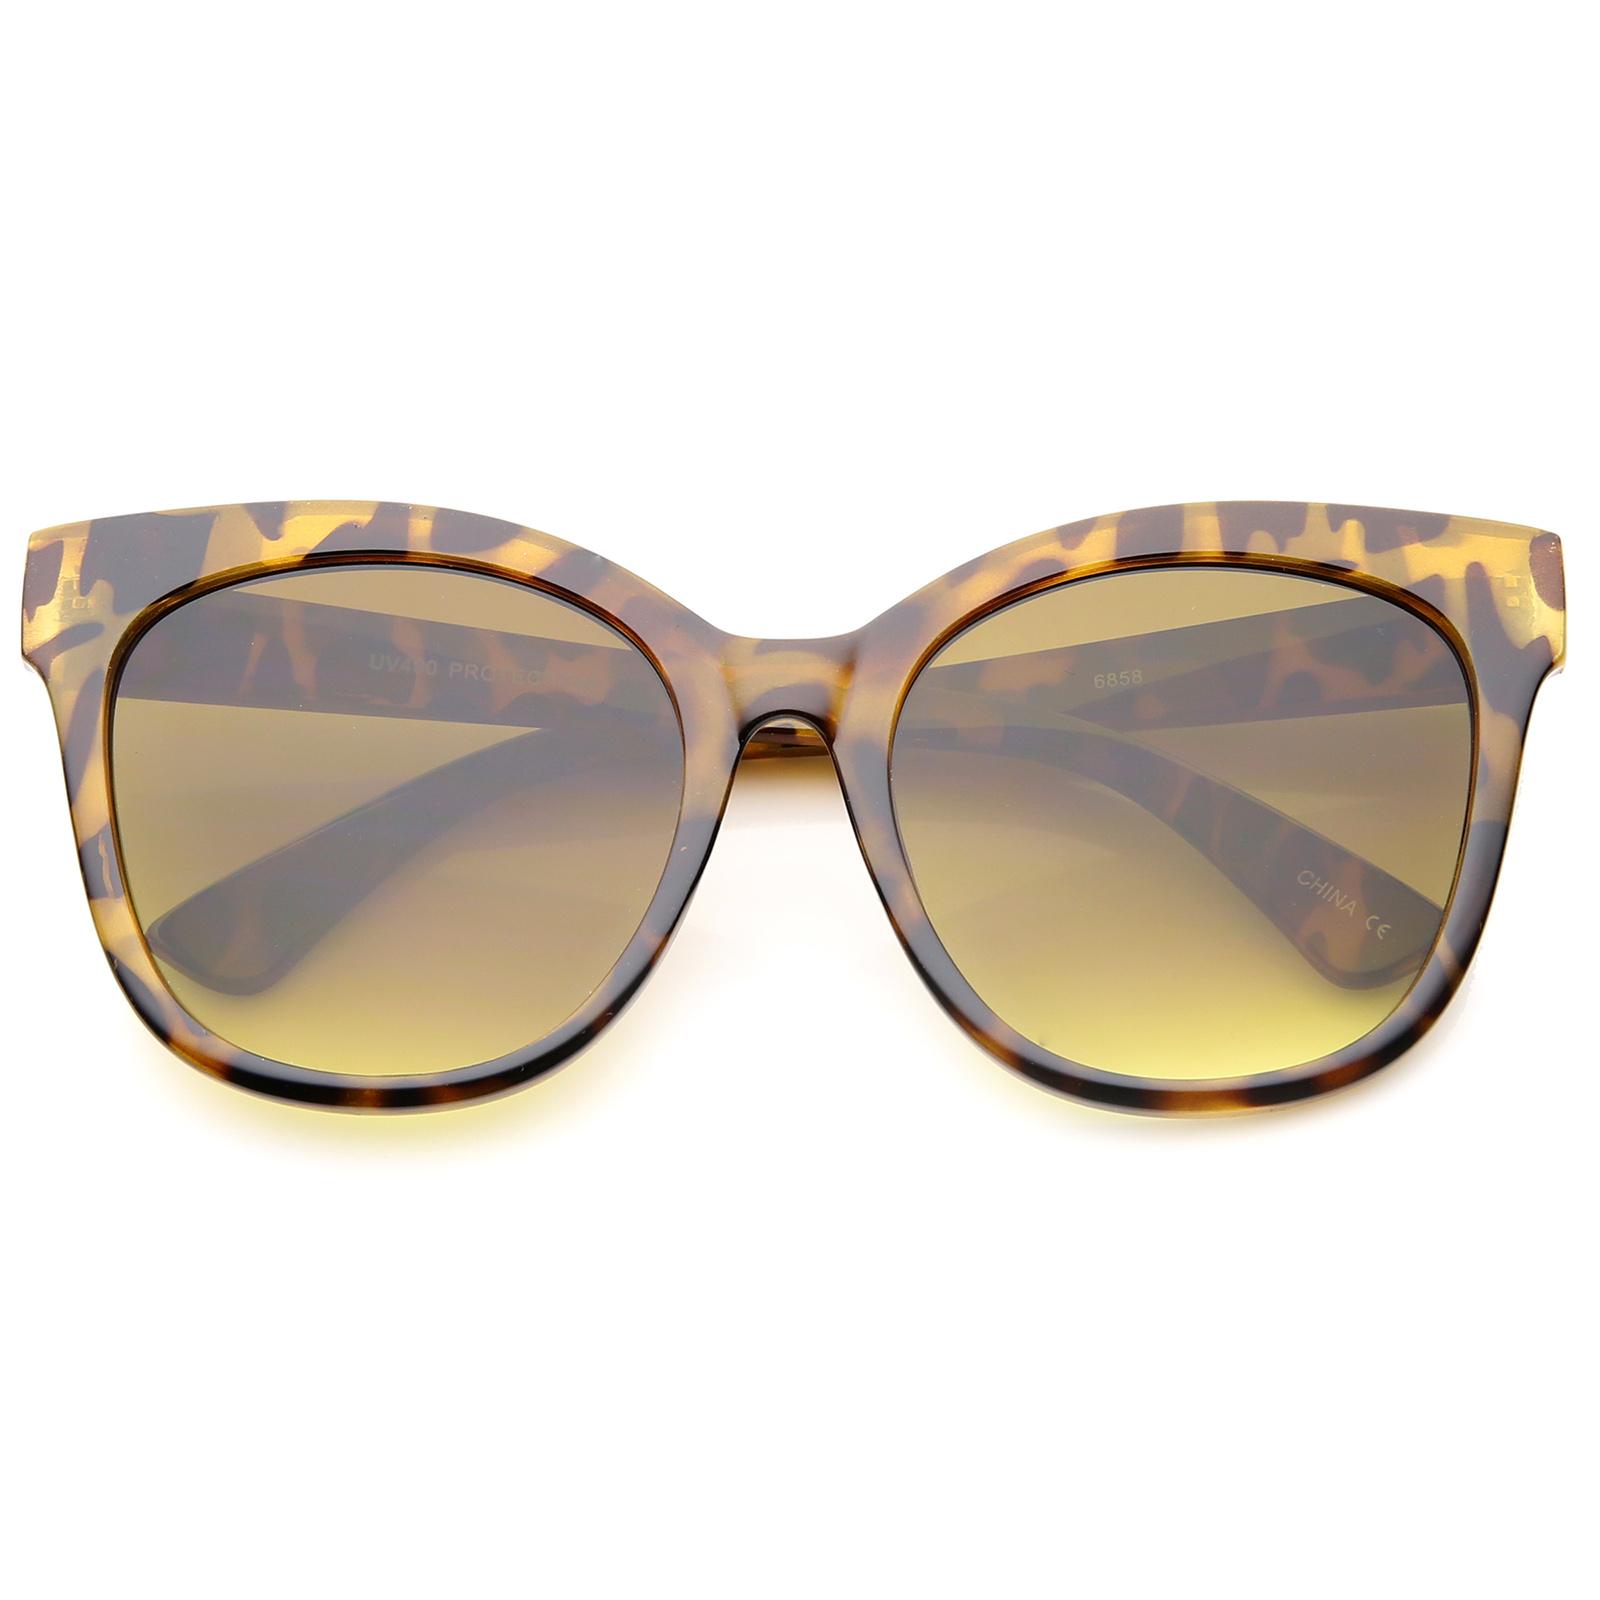 sunglassLA - Women's Horn Rimmed Square Flat Lens Oversize Cat Eye Sunglasses - 57mm